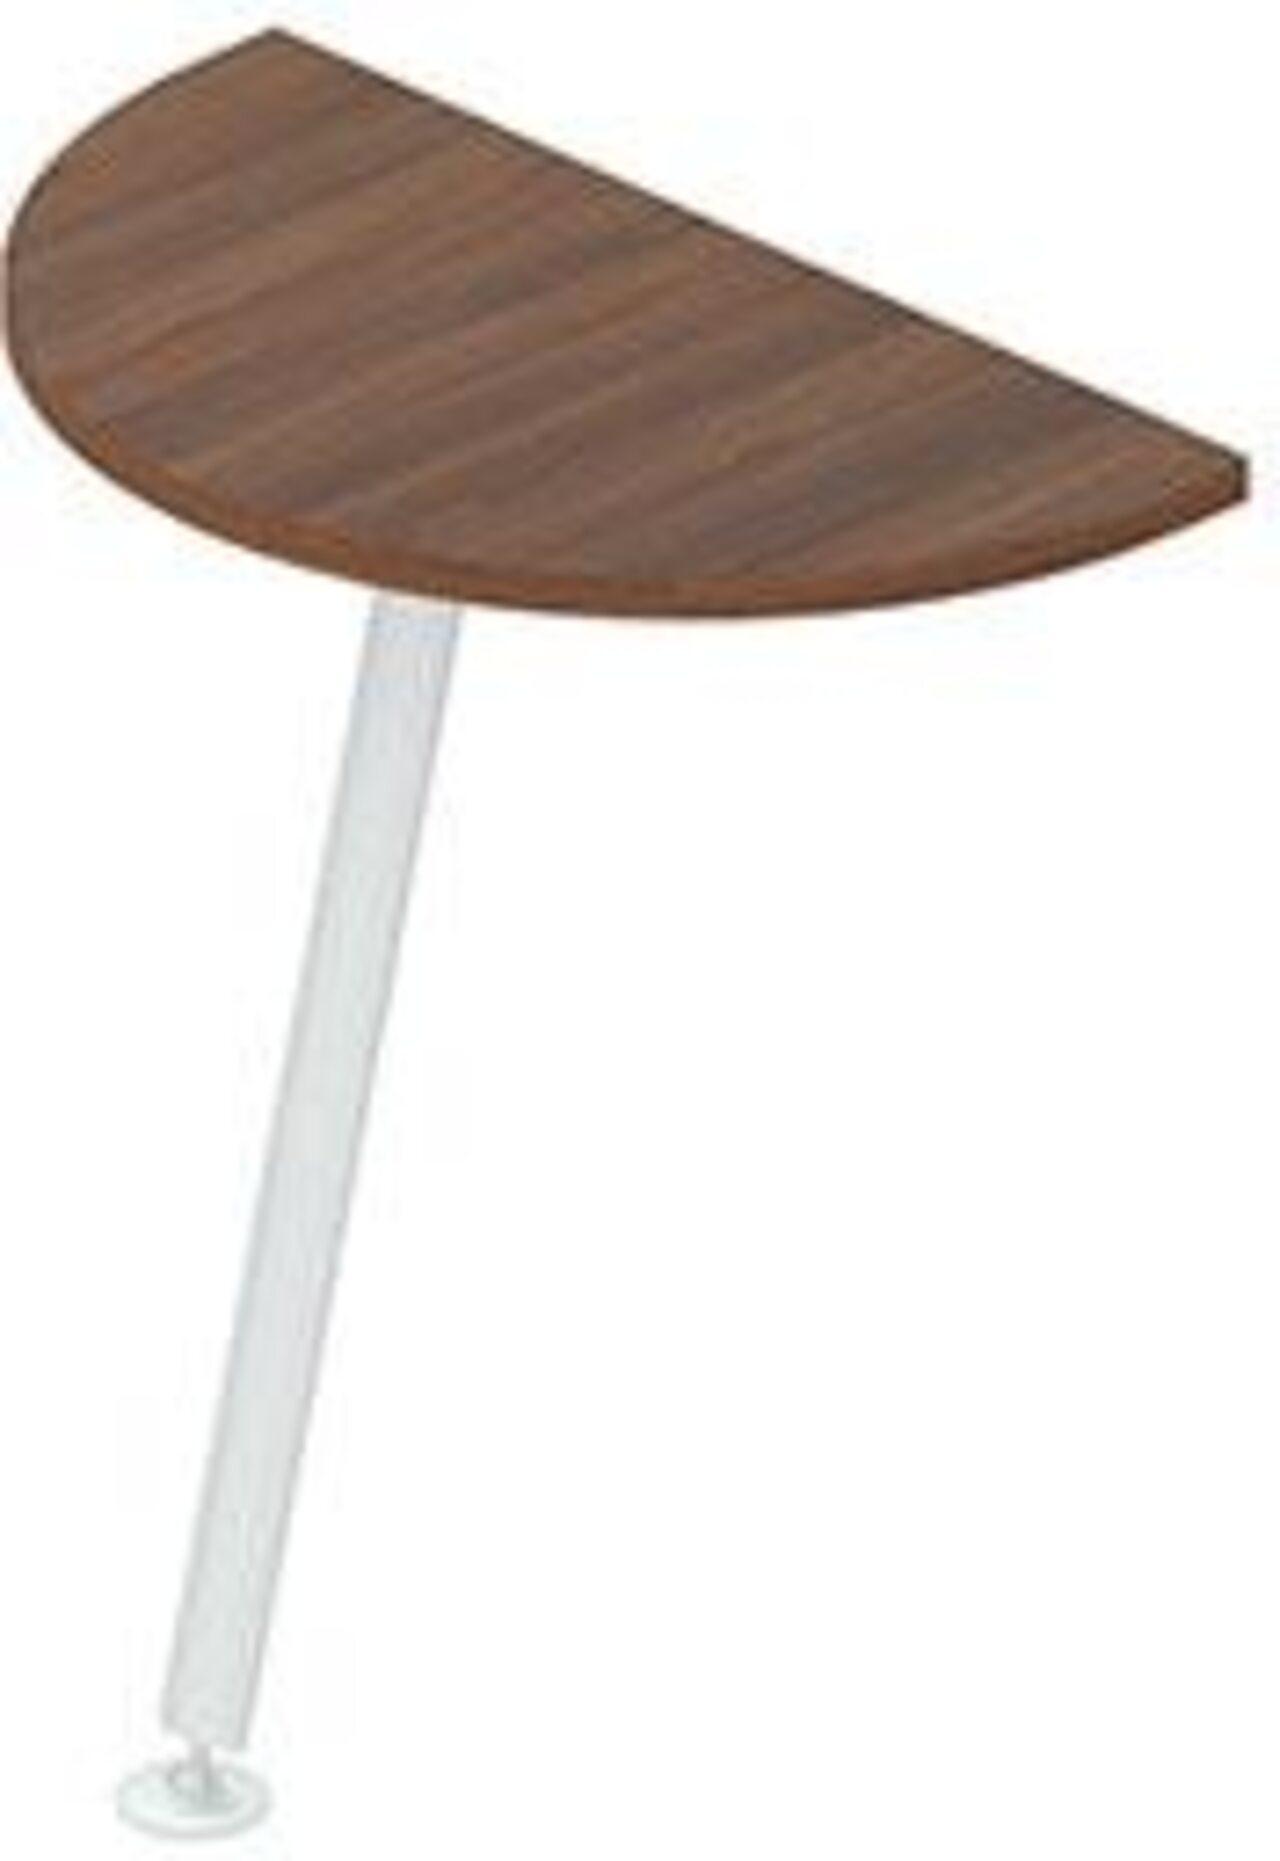 Приставка для прямых столов  Gamma (Гамма) 40x70x3 - фото 1